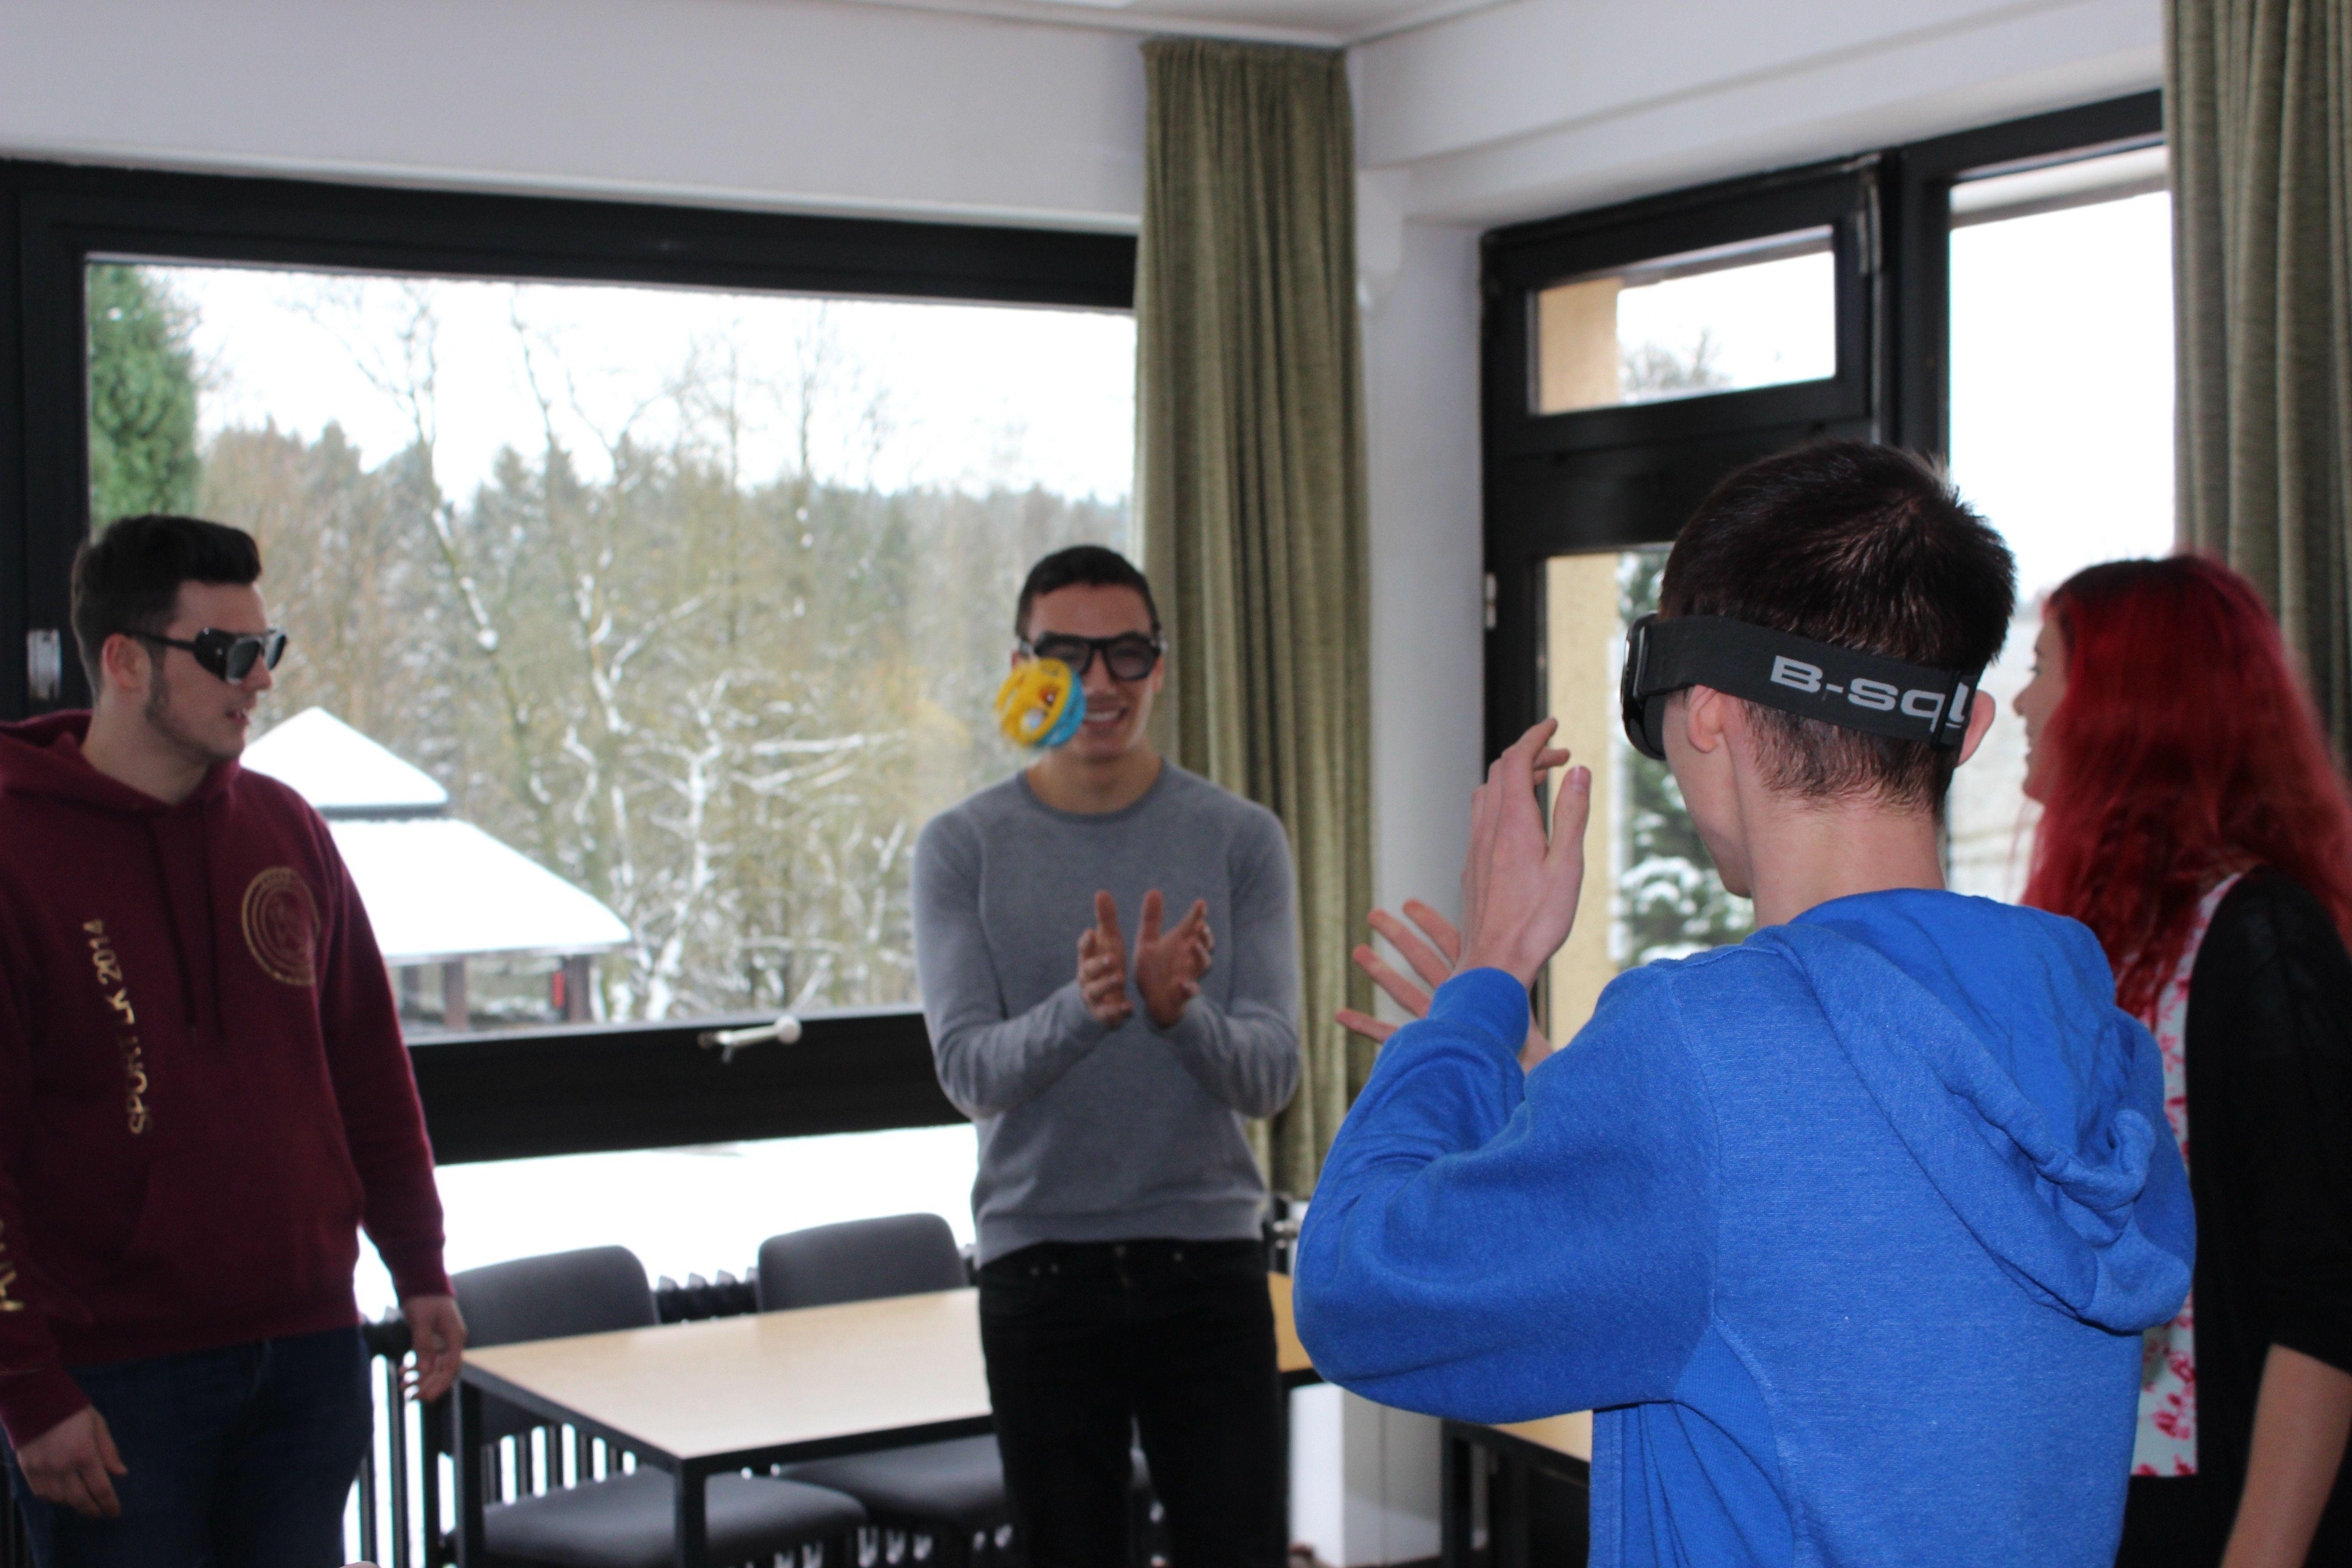 4 Jugendliche mit Brillen, die Sehbehinderungen simulieren, werfen sich einen Klingelbeil zu